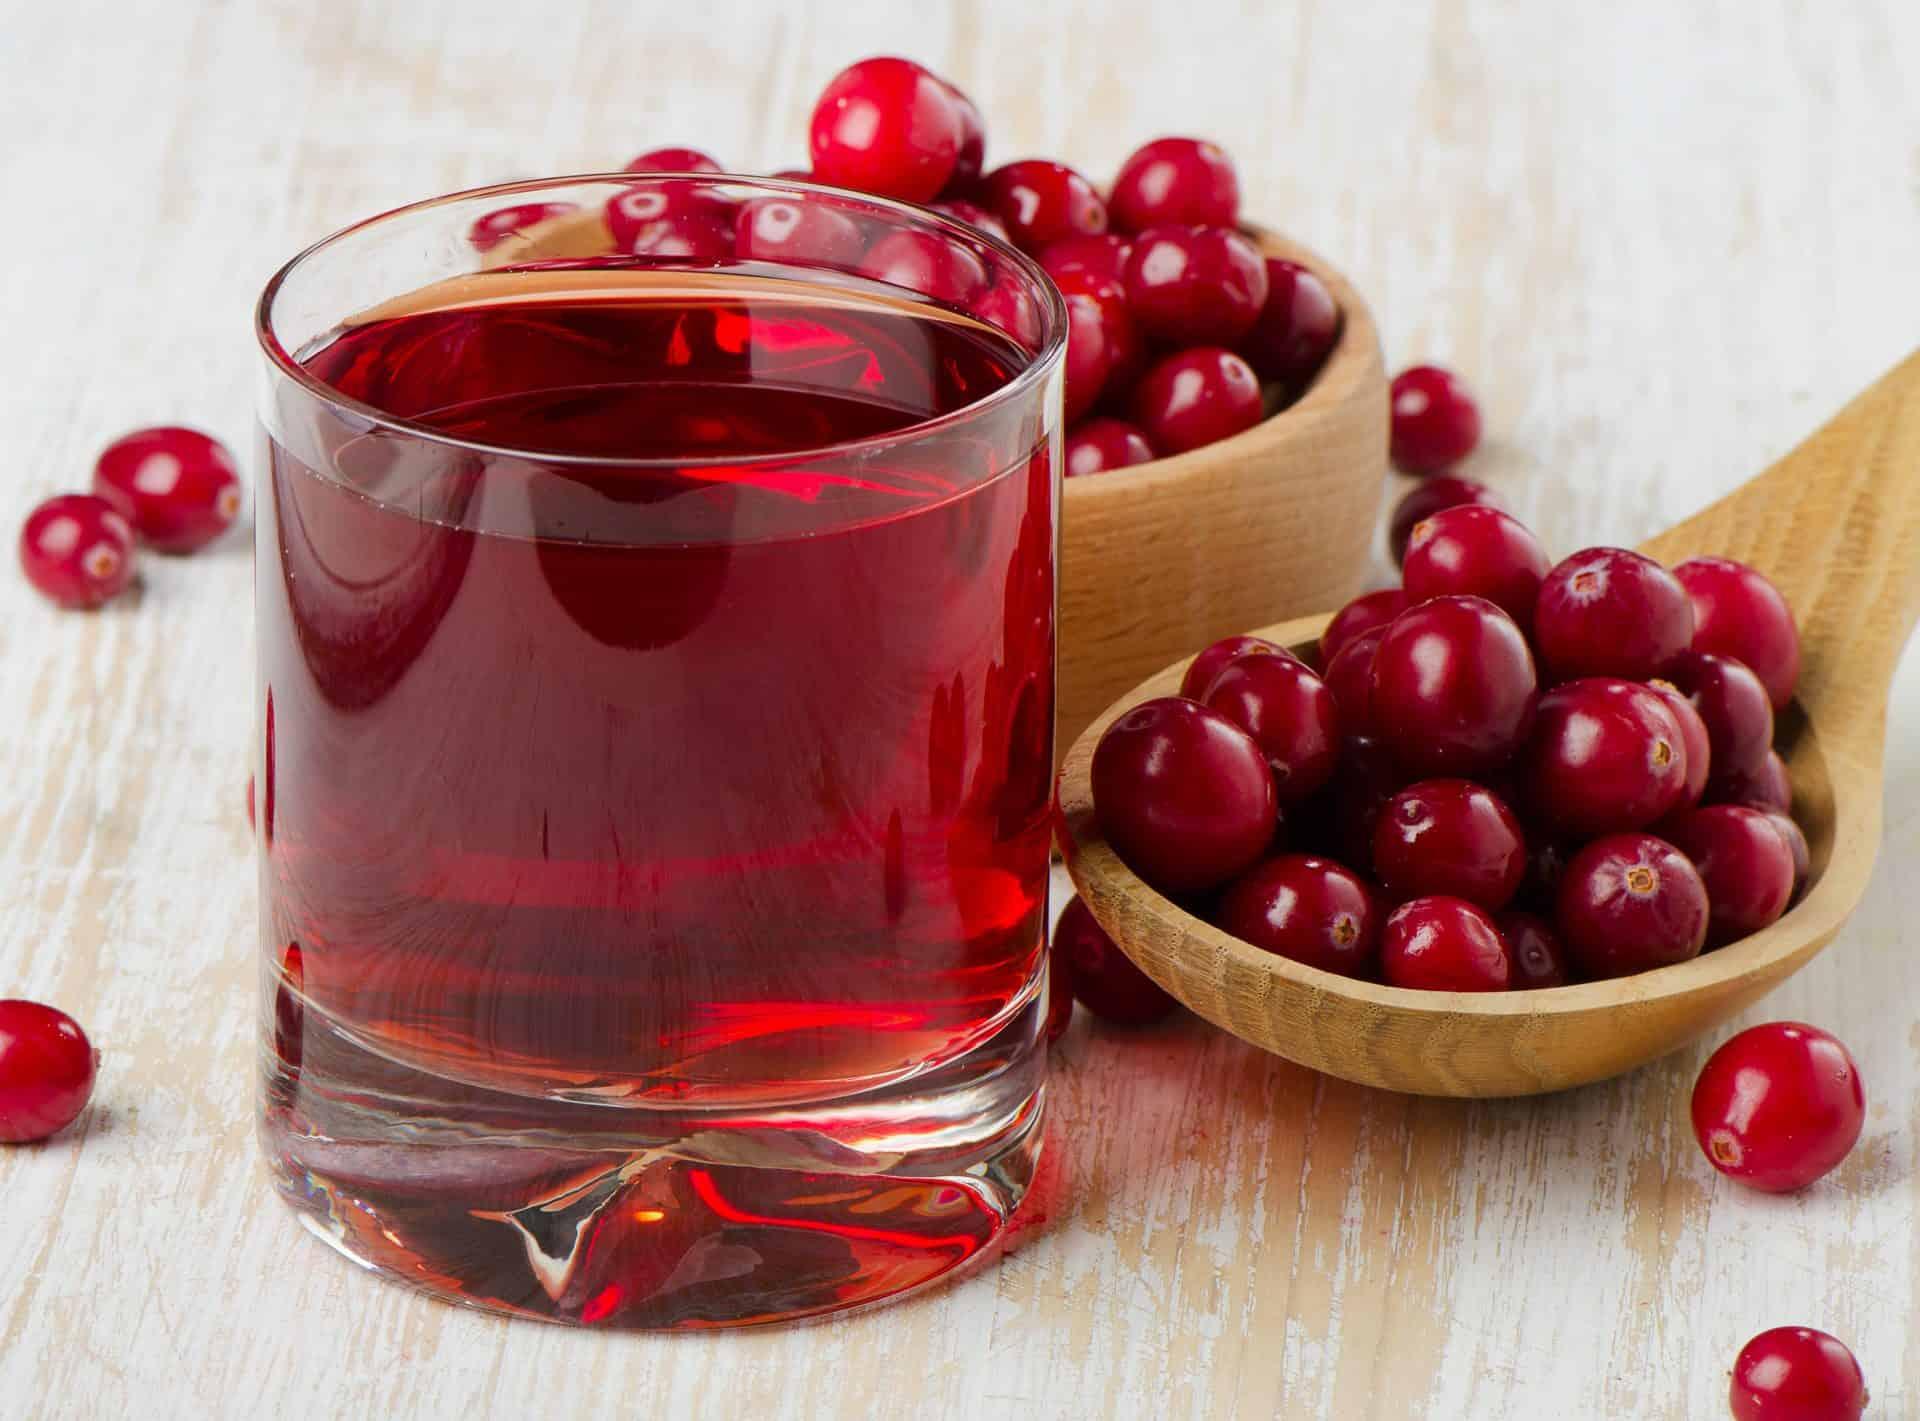 Saiba como fazer suco de cranberry e aproveite todos os benefícios